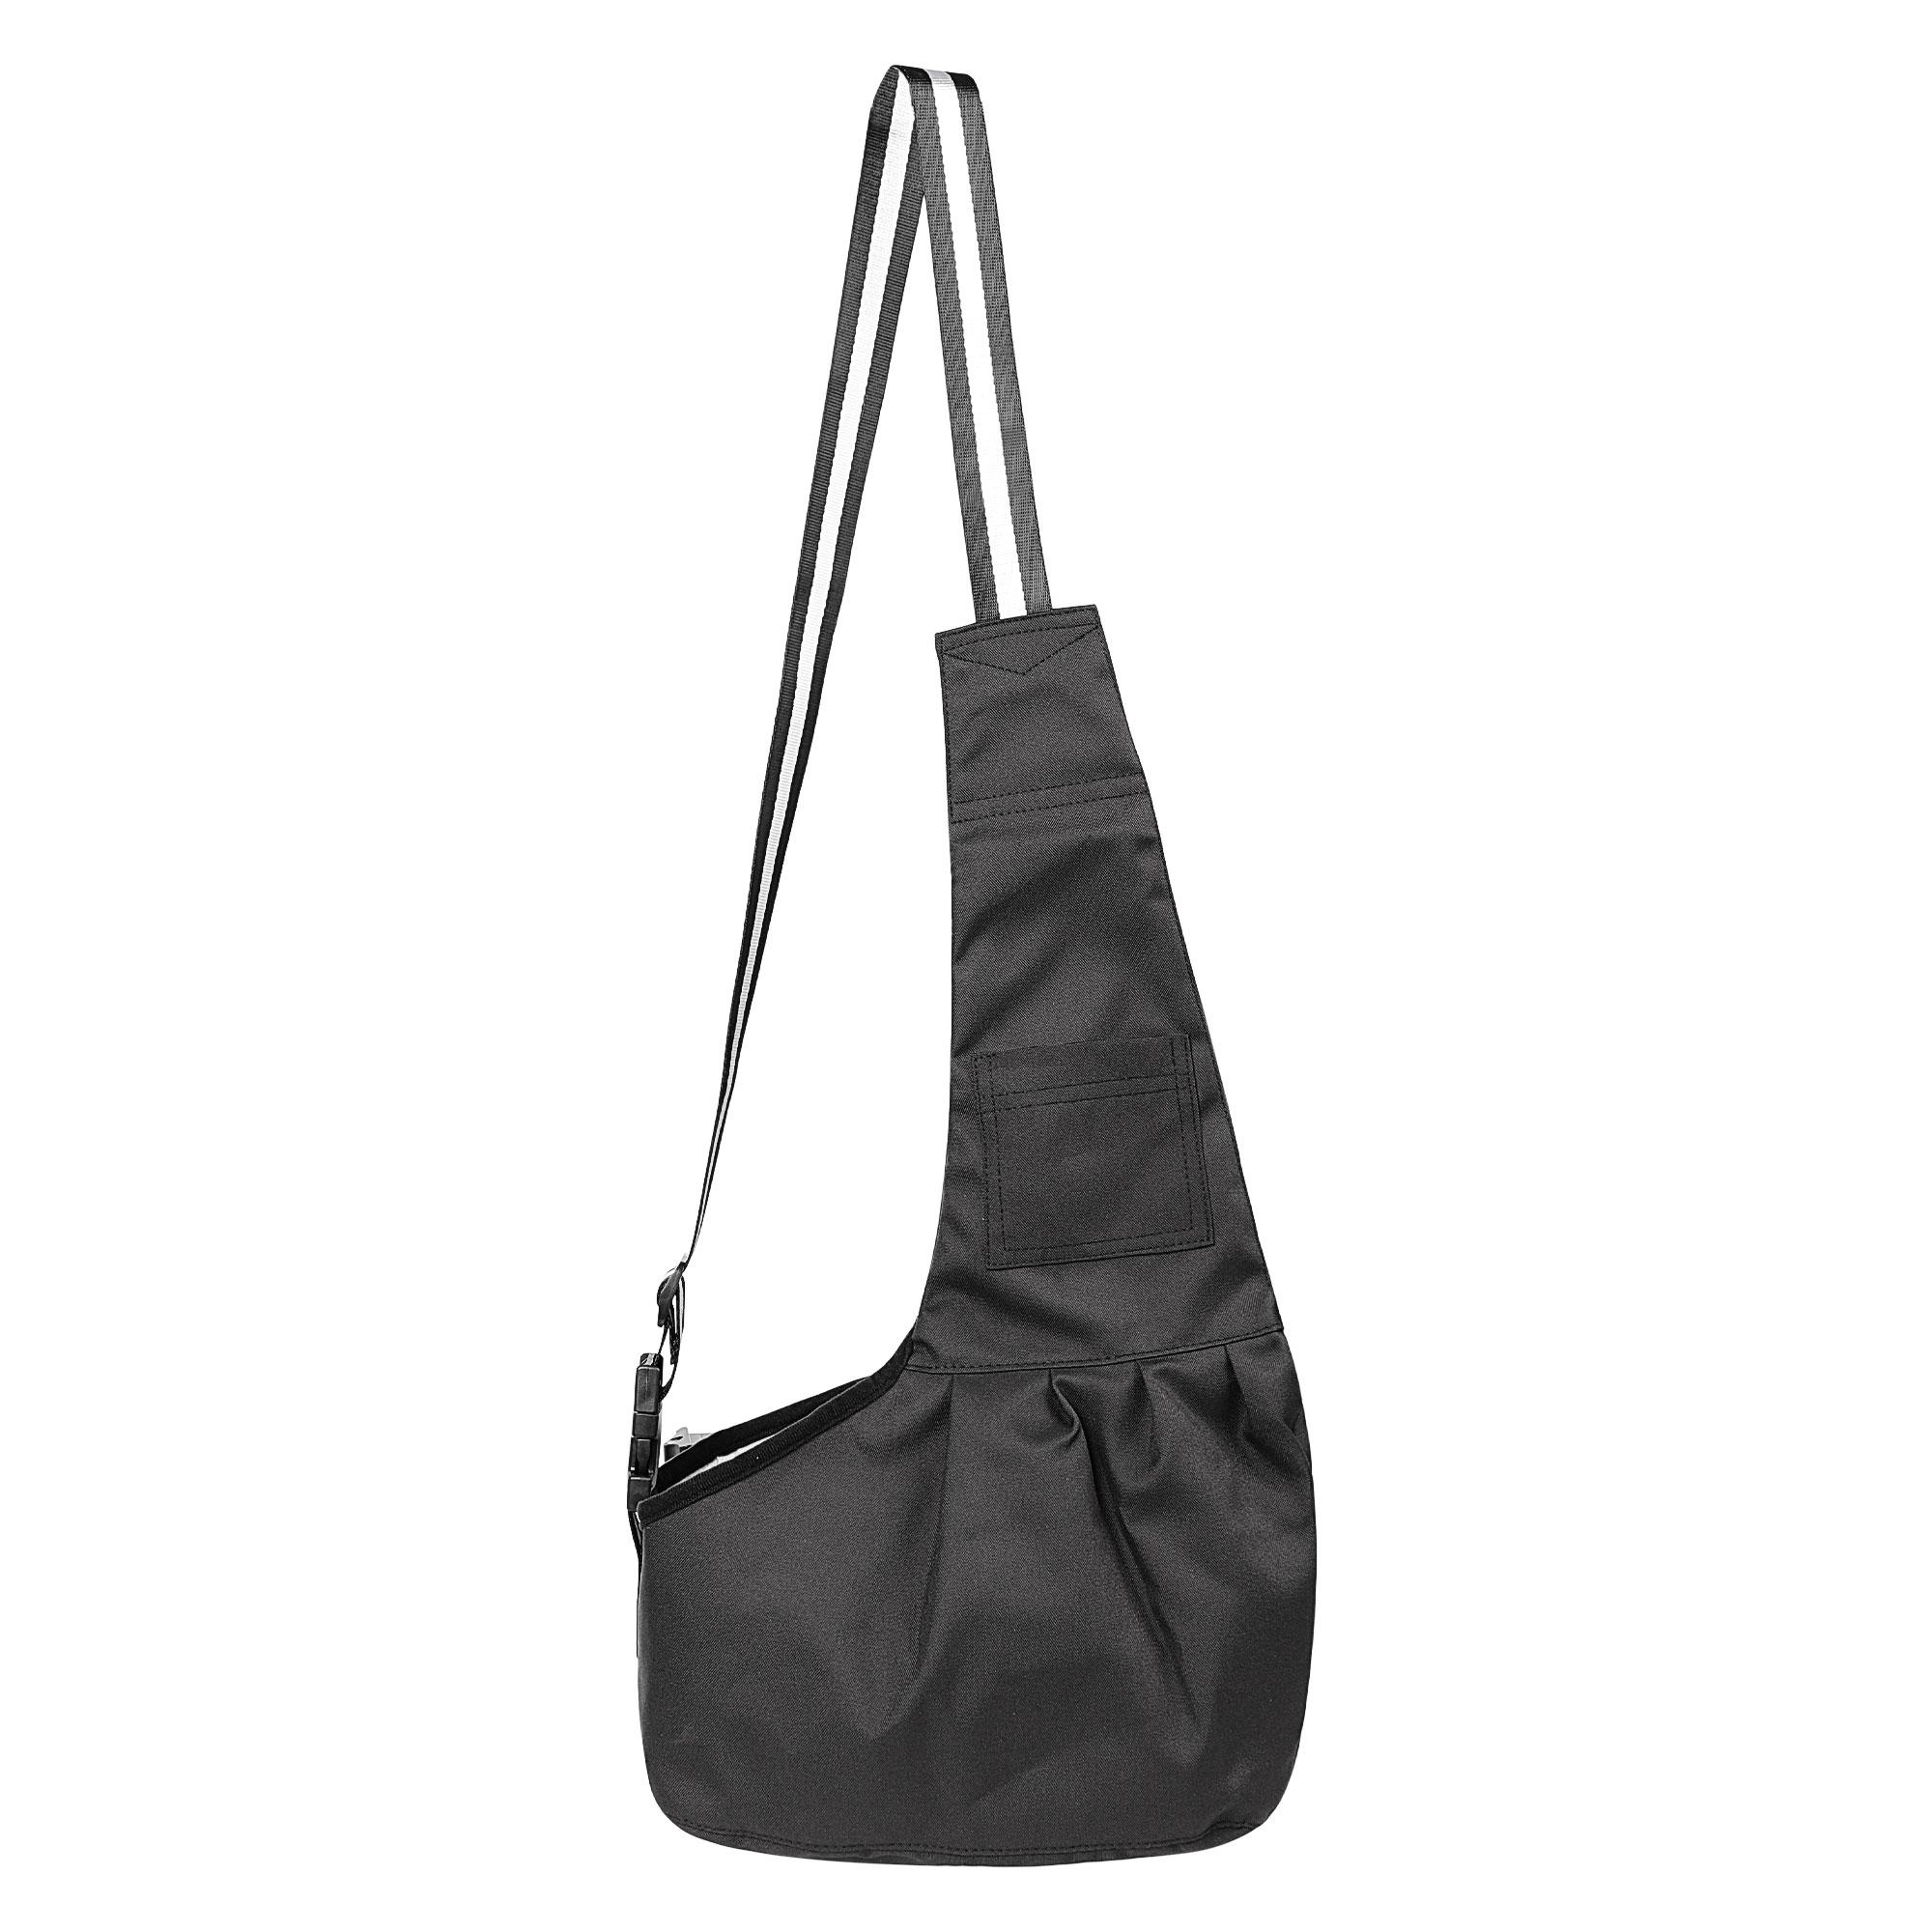 Outdoor Oxford Cloth Adjustable Single Shoulder Small Dog Cat Pet Carrier Bag Black M